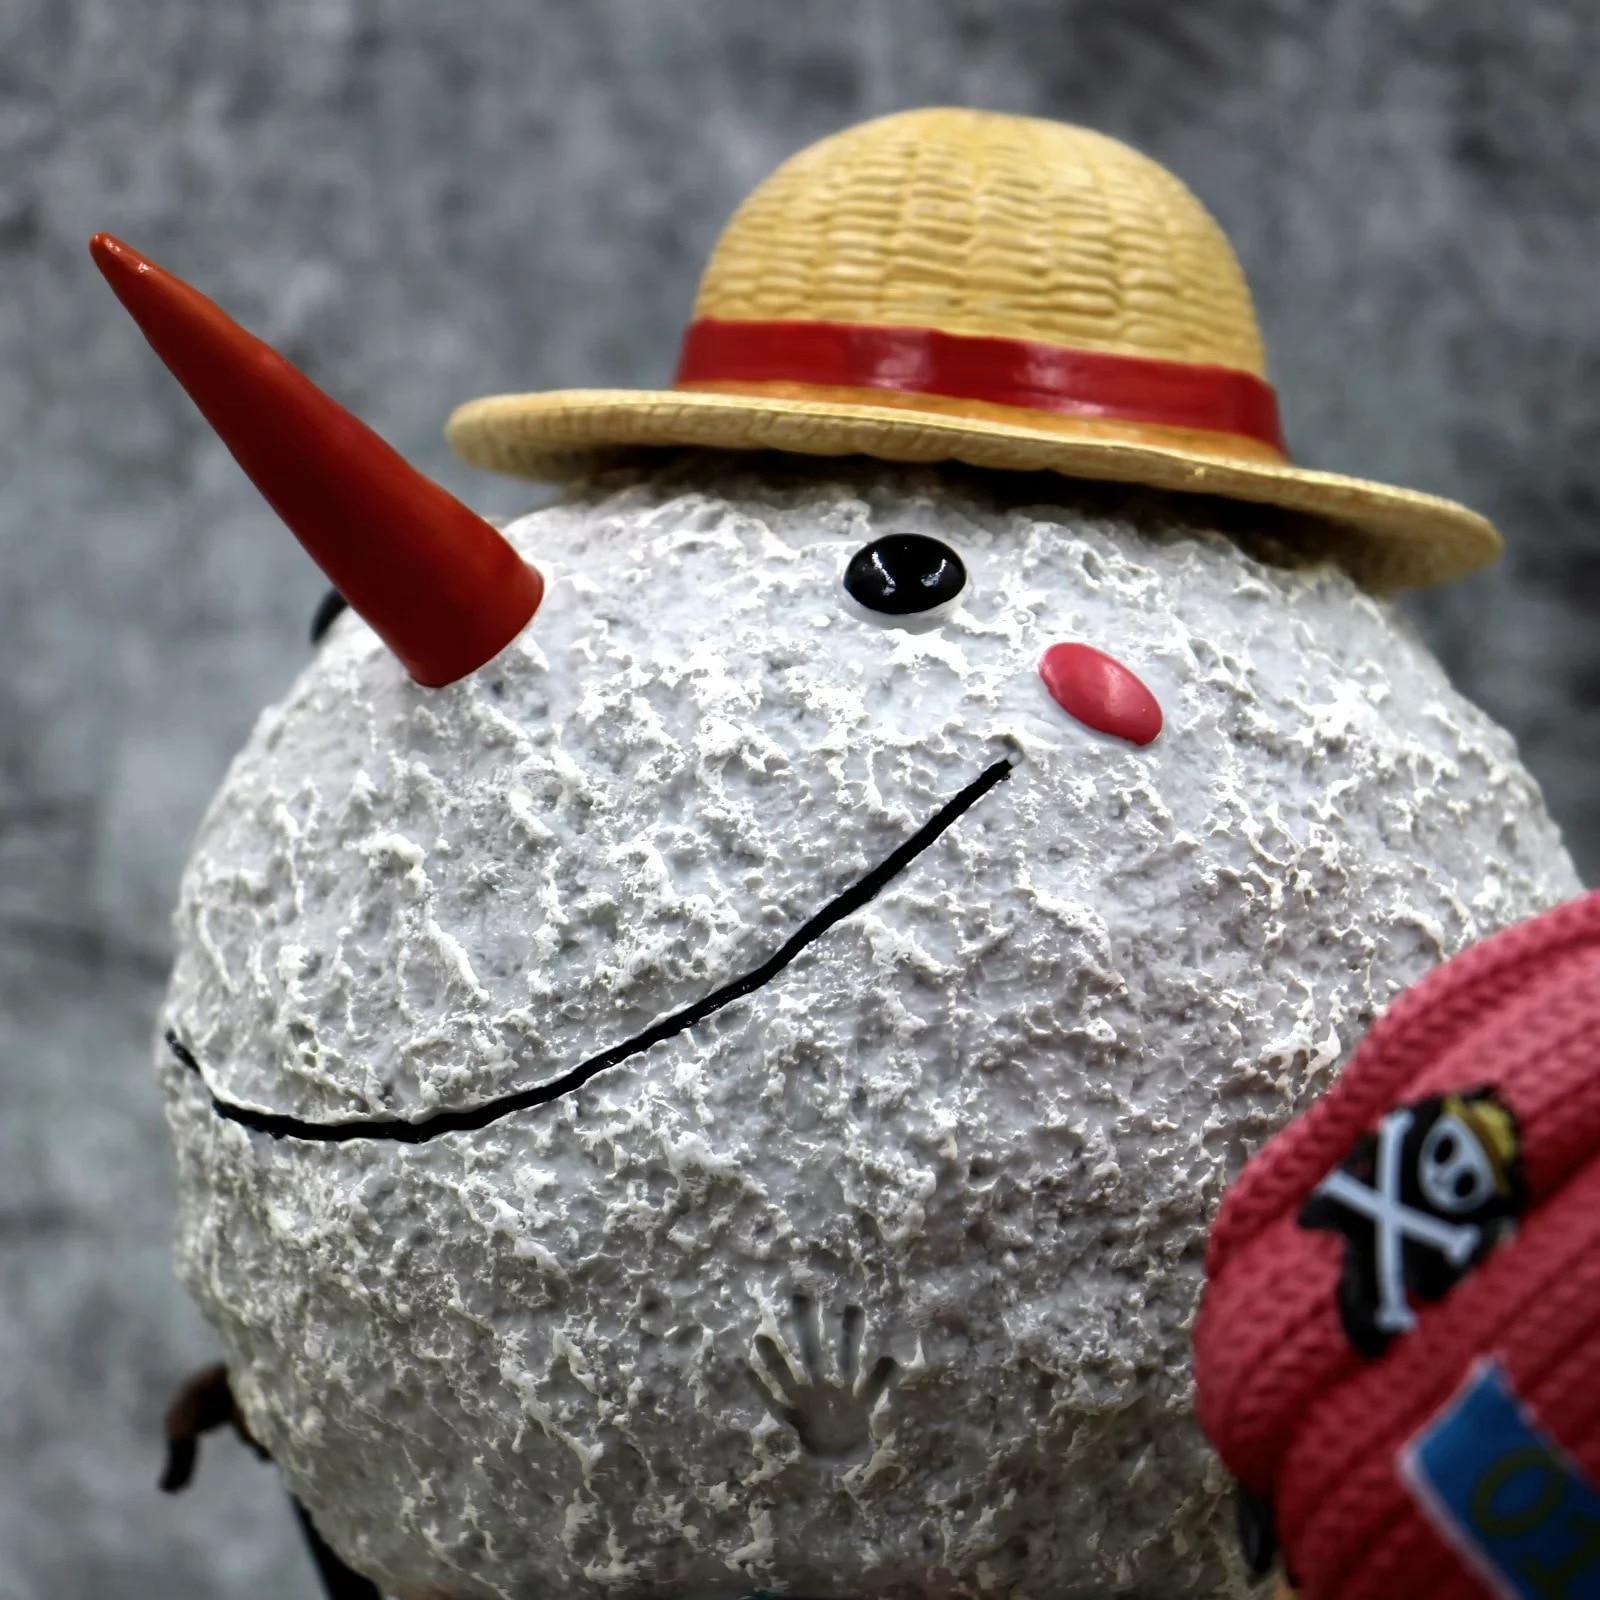 X051 4 m hight Opblaasbare sneeuwpop hoed, opblaasbare Kerst decoratie, opblaasbare sneeuwman met LED Licht - 6